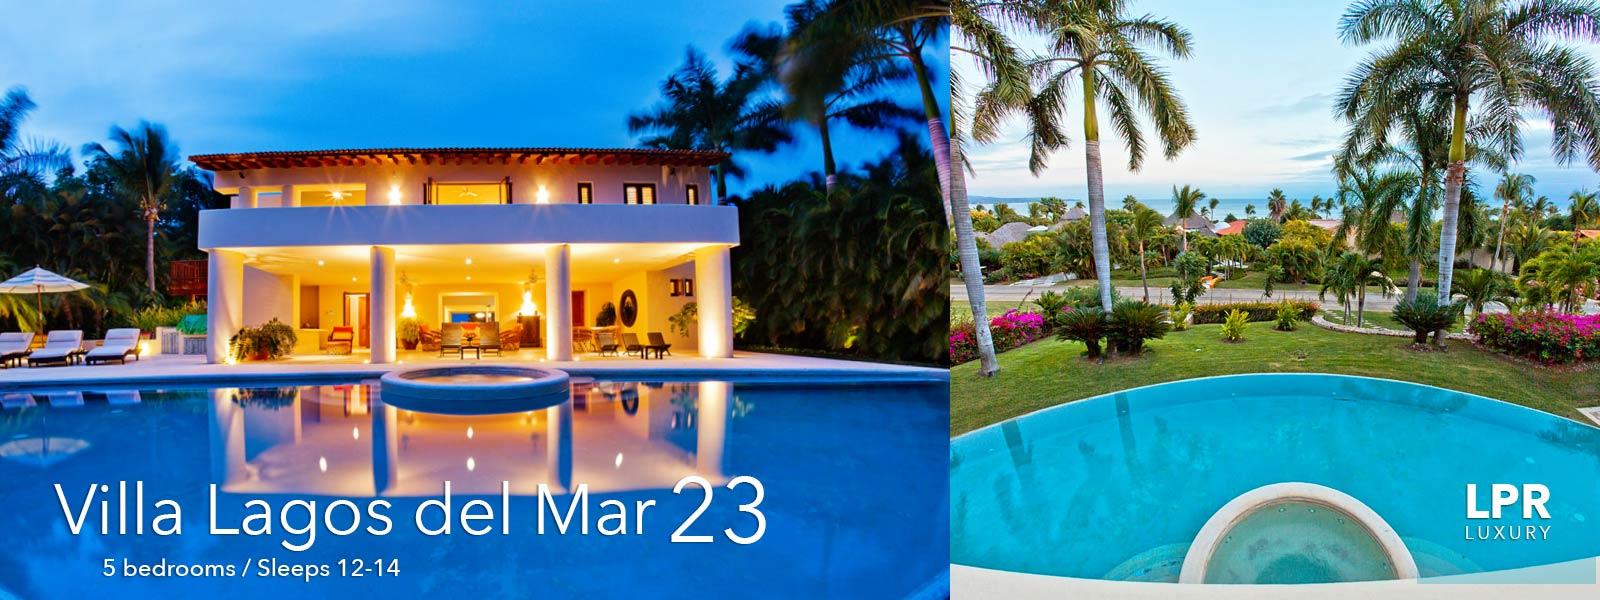 Villa Lagos del Mar 23 - Punta Mita Resort - Mexico Vacation Rentals